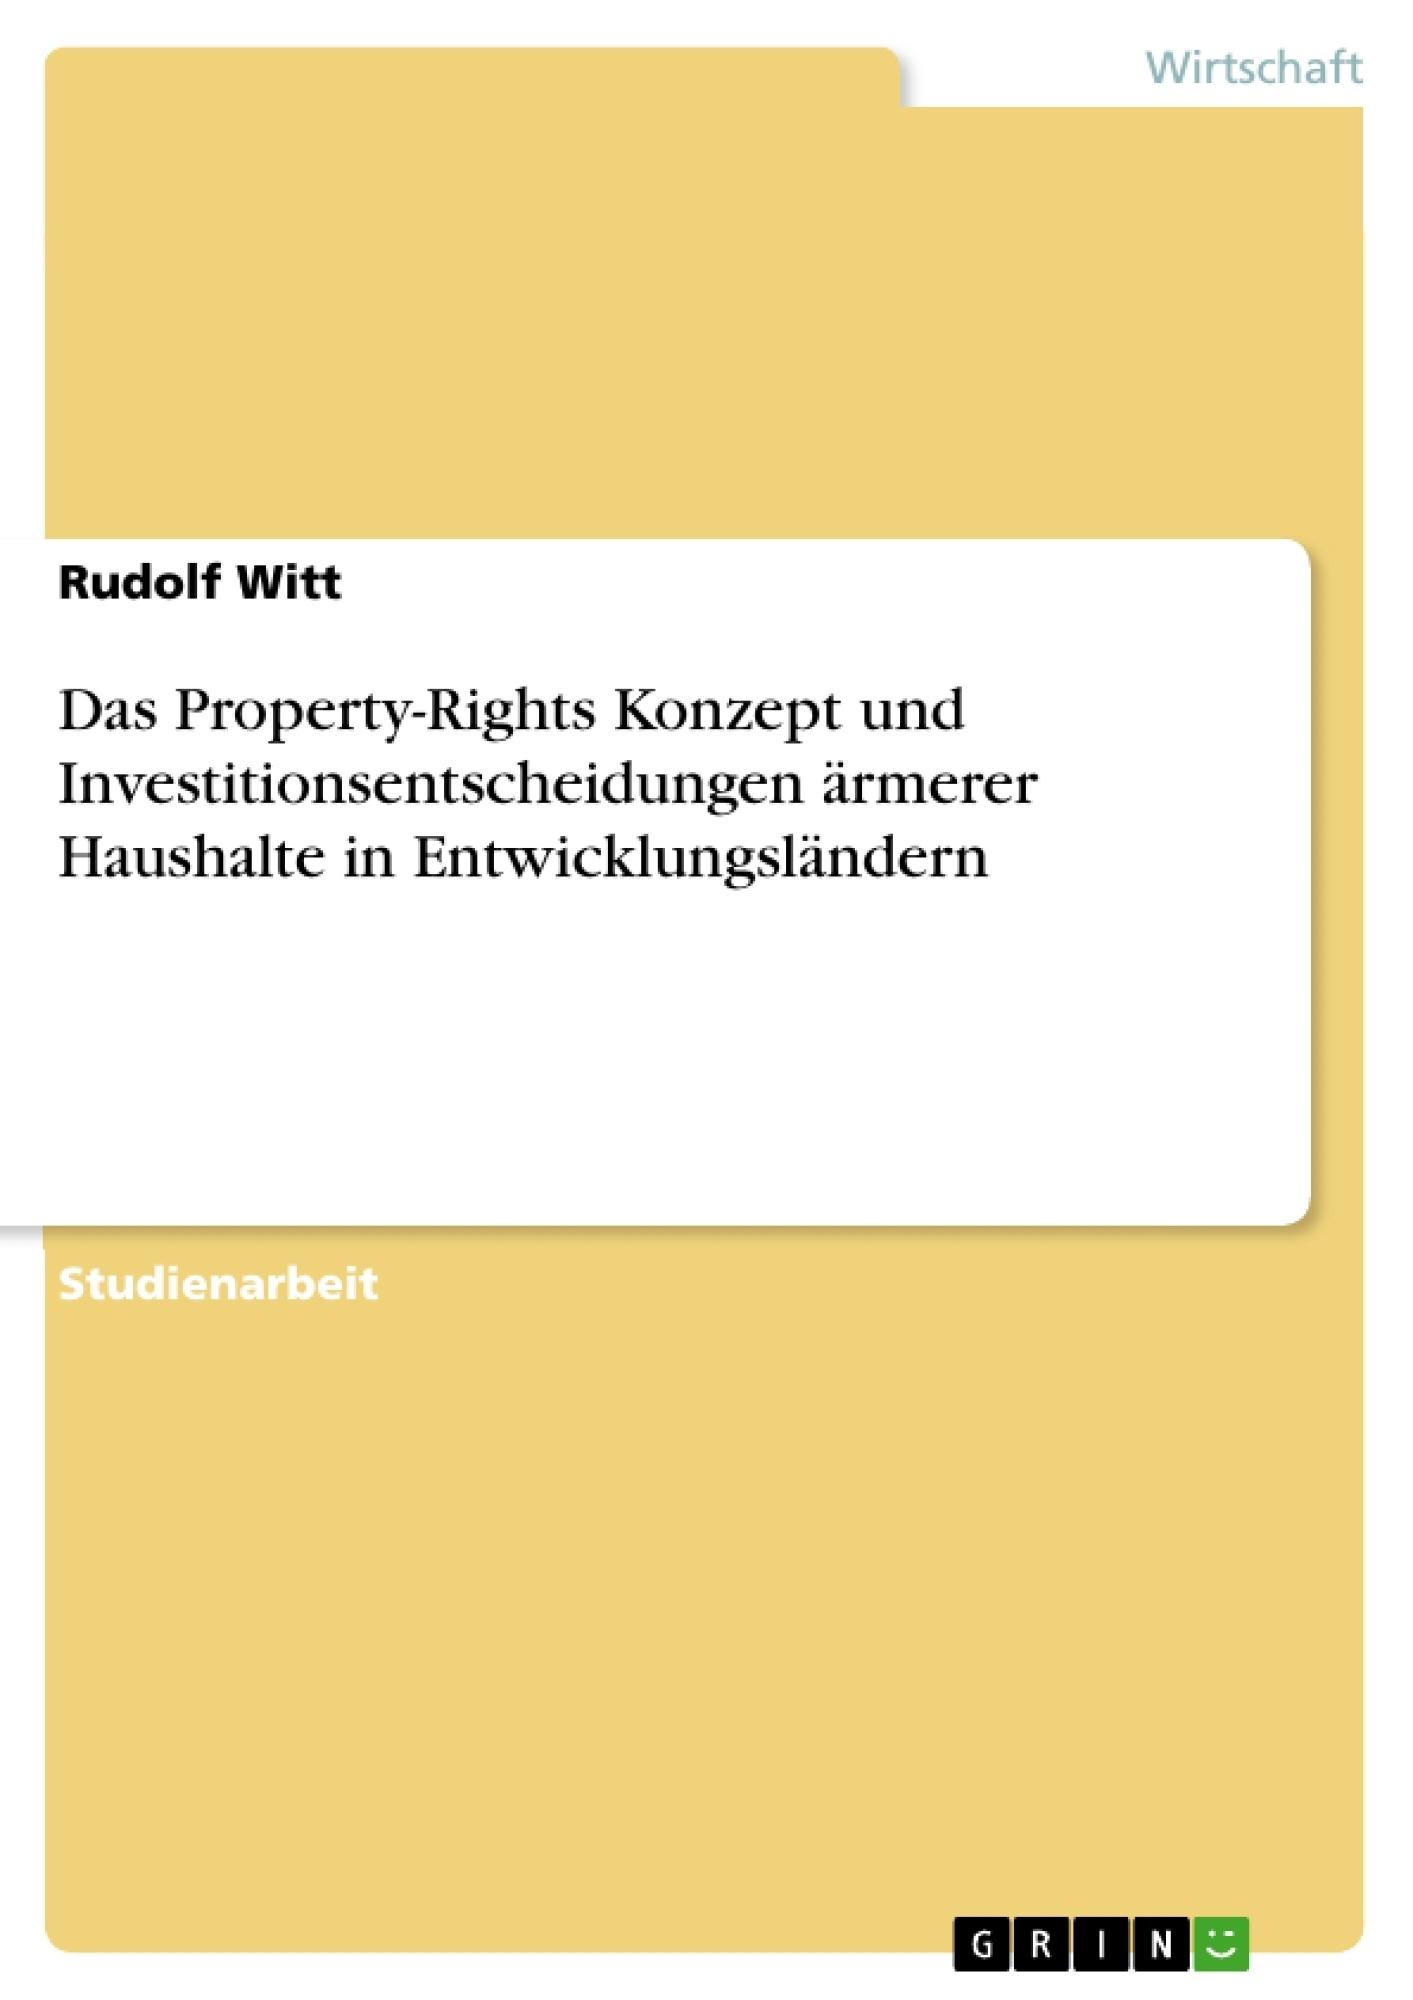 Titel: Das Property-Rights Konzept und Investitionsentscheidungen ärmerer Haushalte in Entwicklungsländern